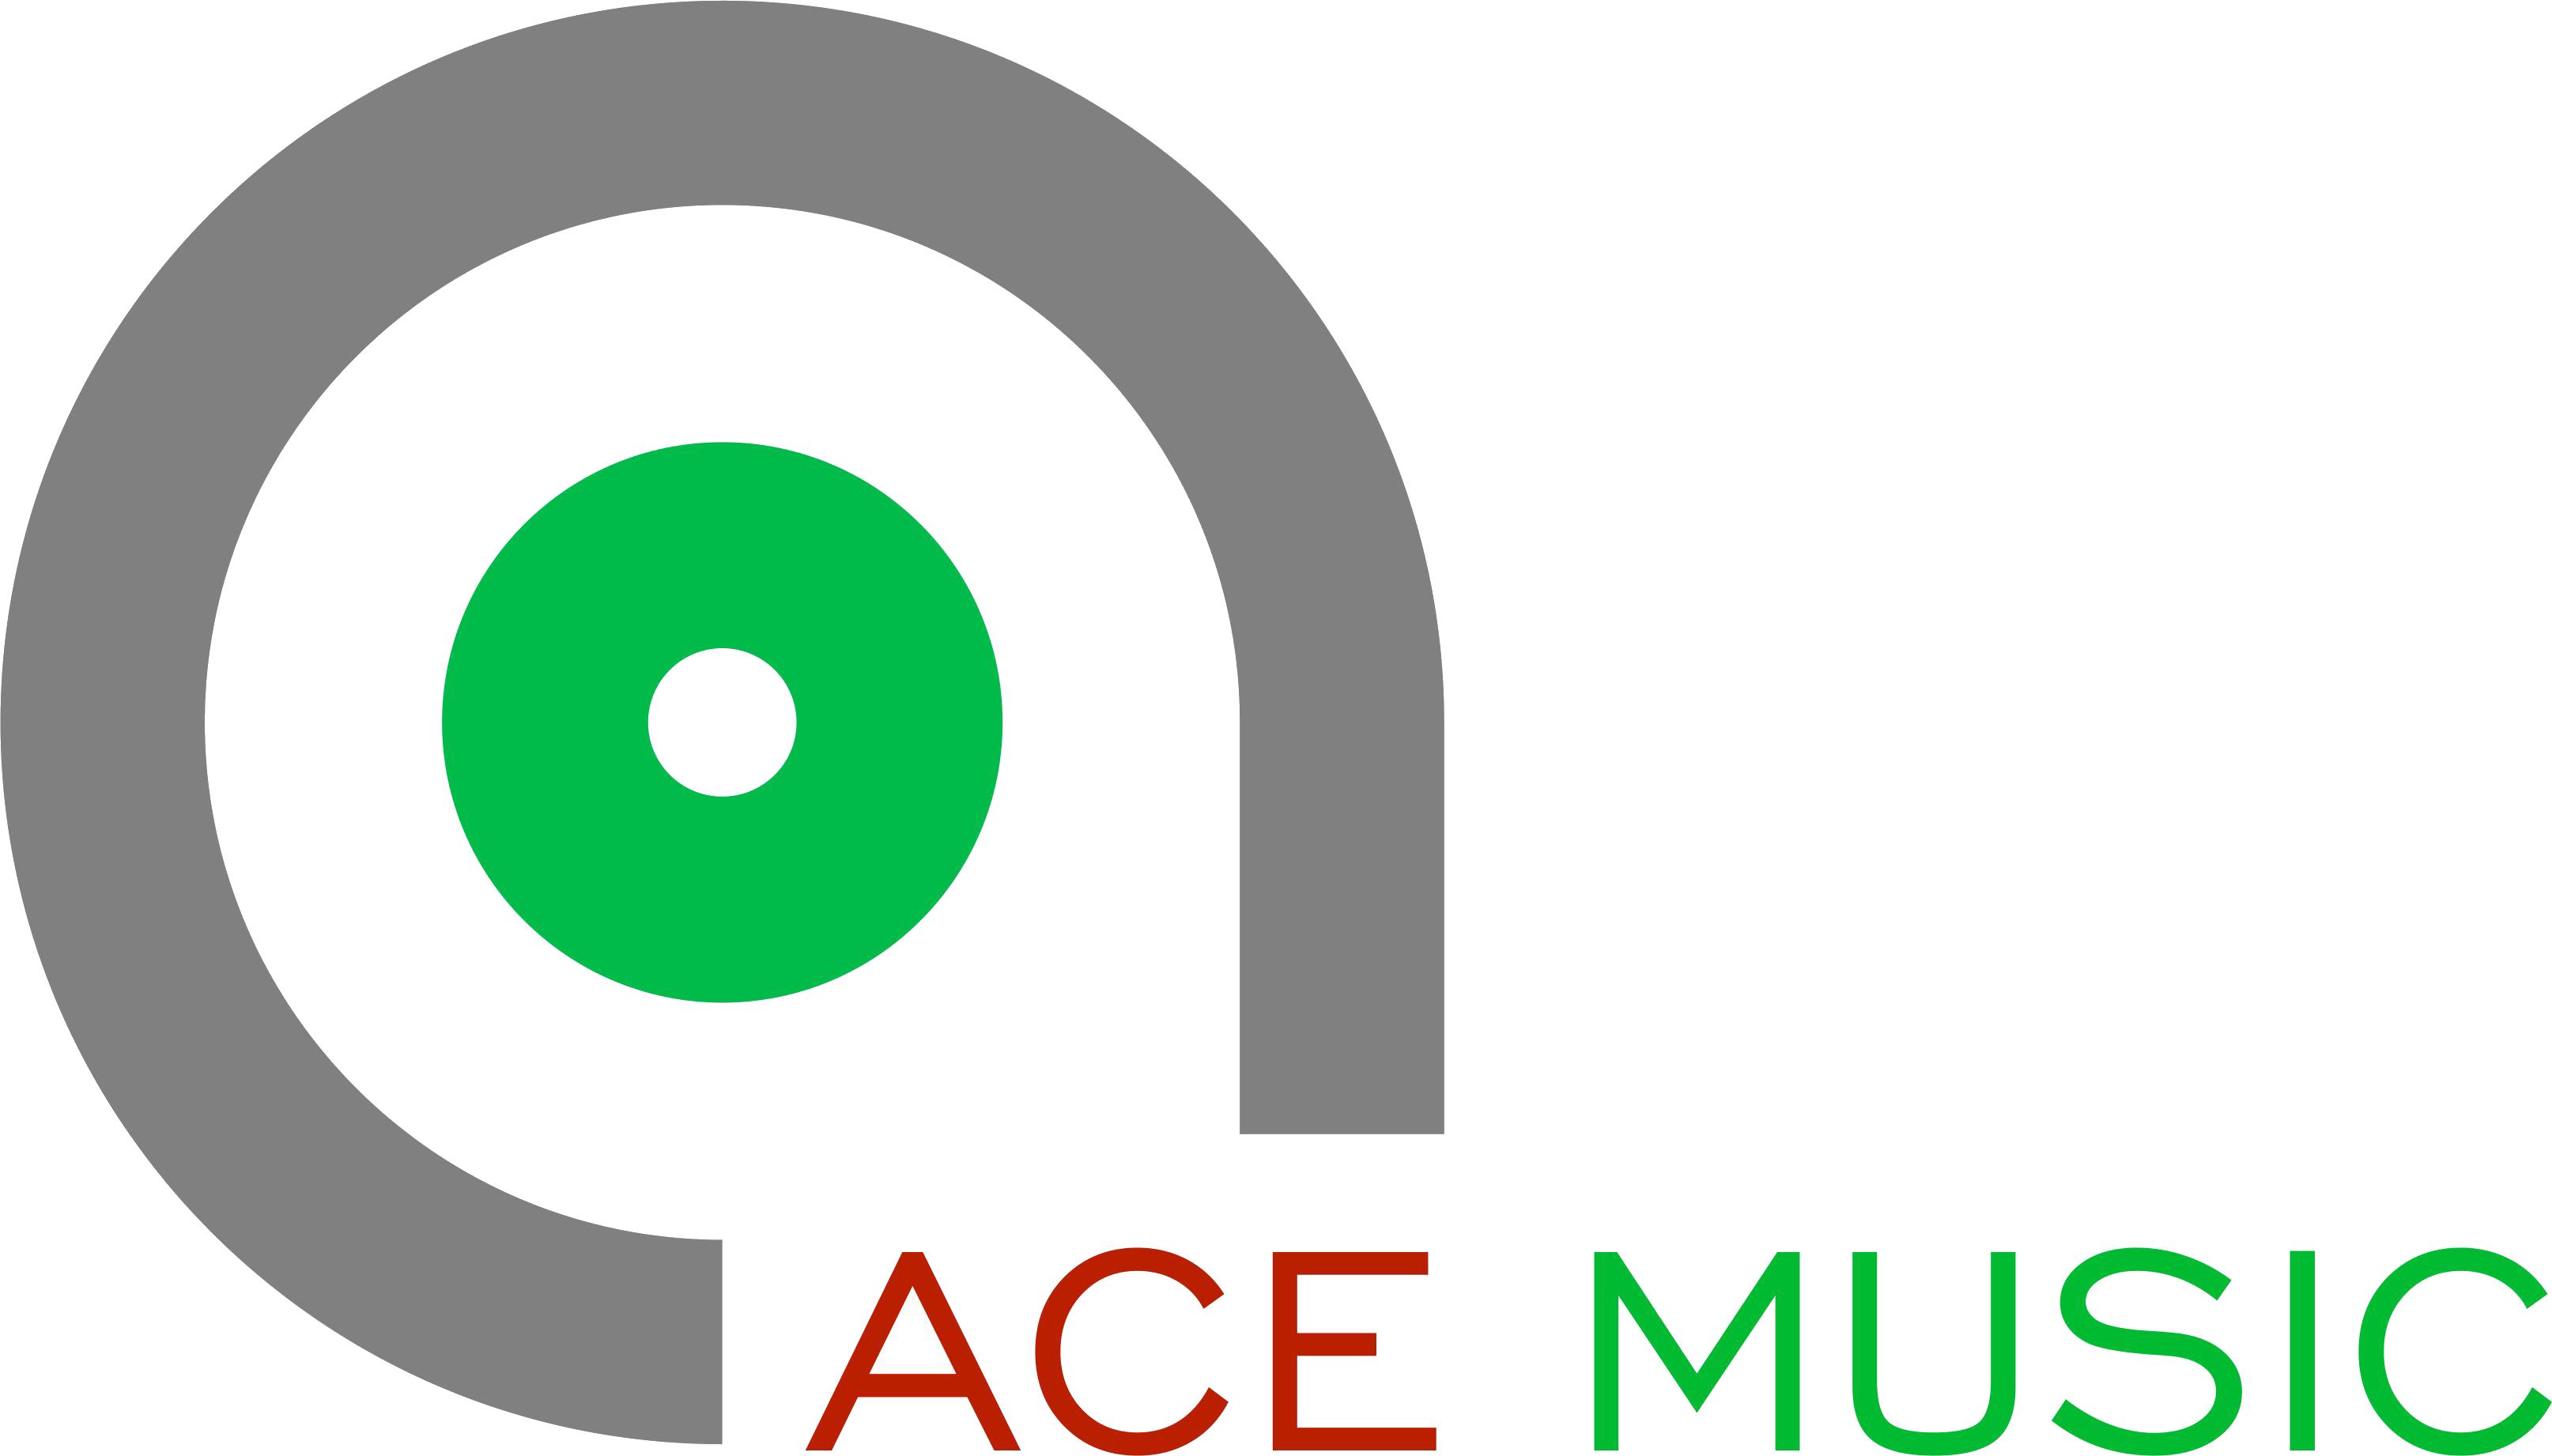 Ace Música